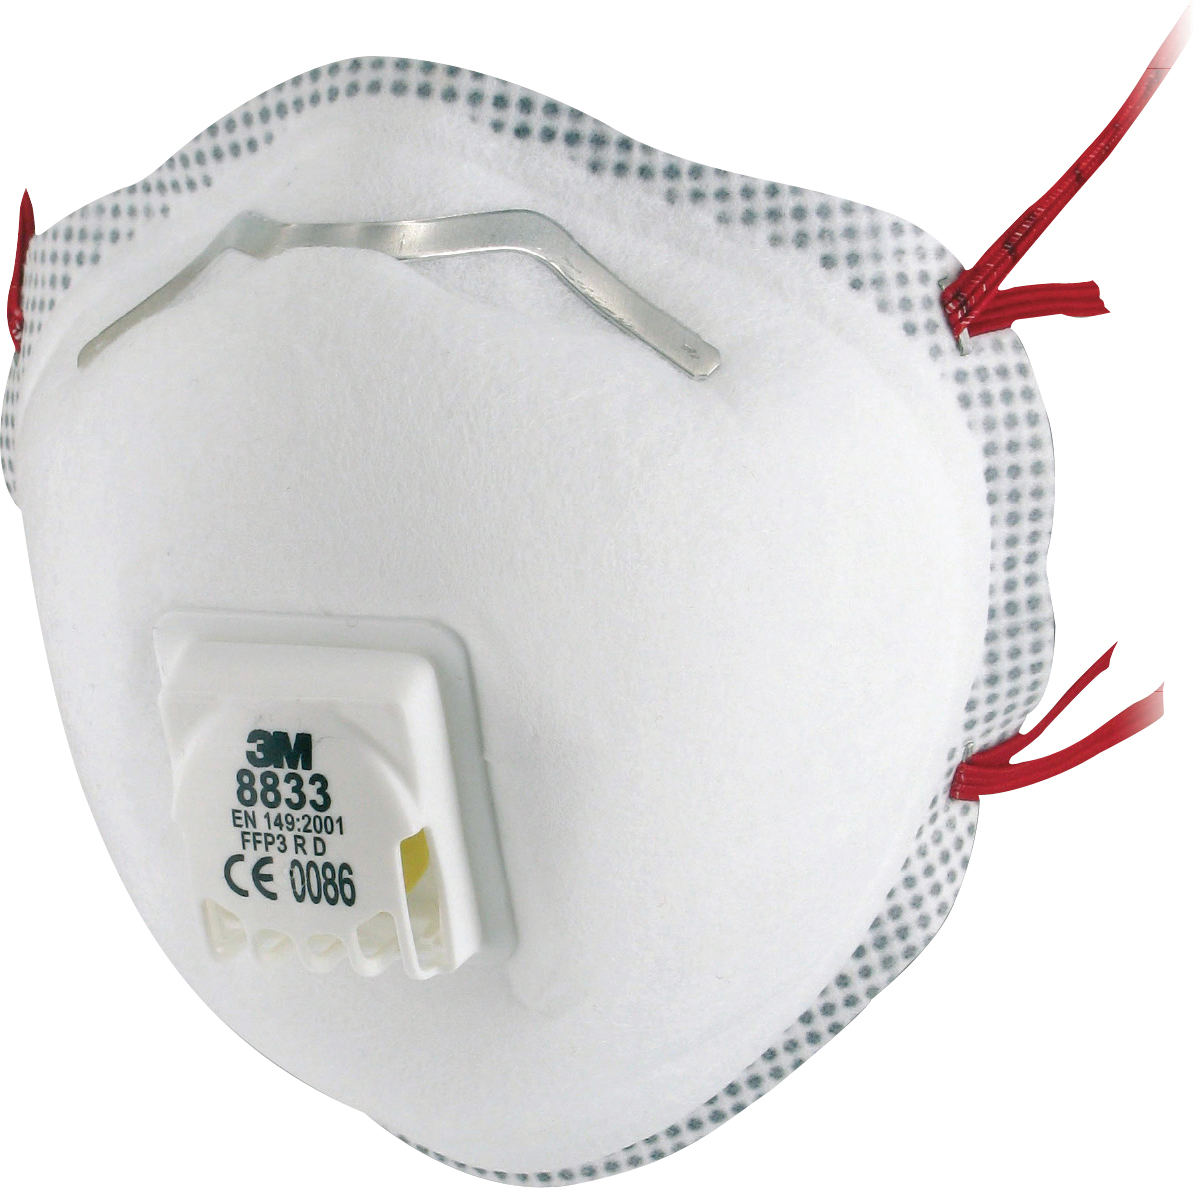 3M Atemschutzmaske 8833 FFP3 R D